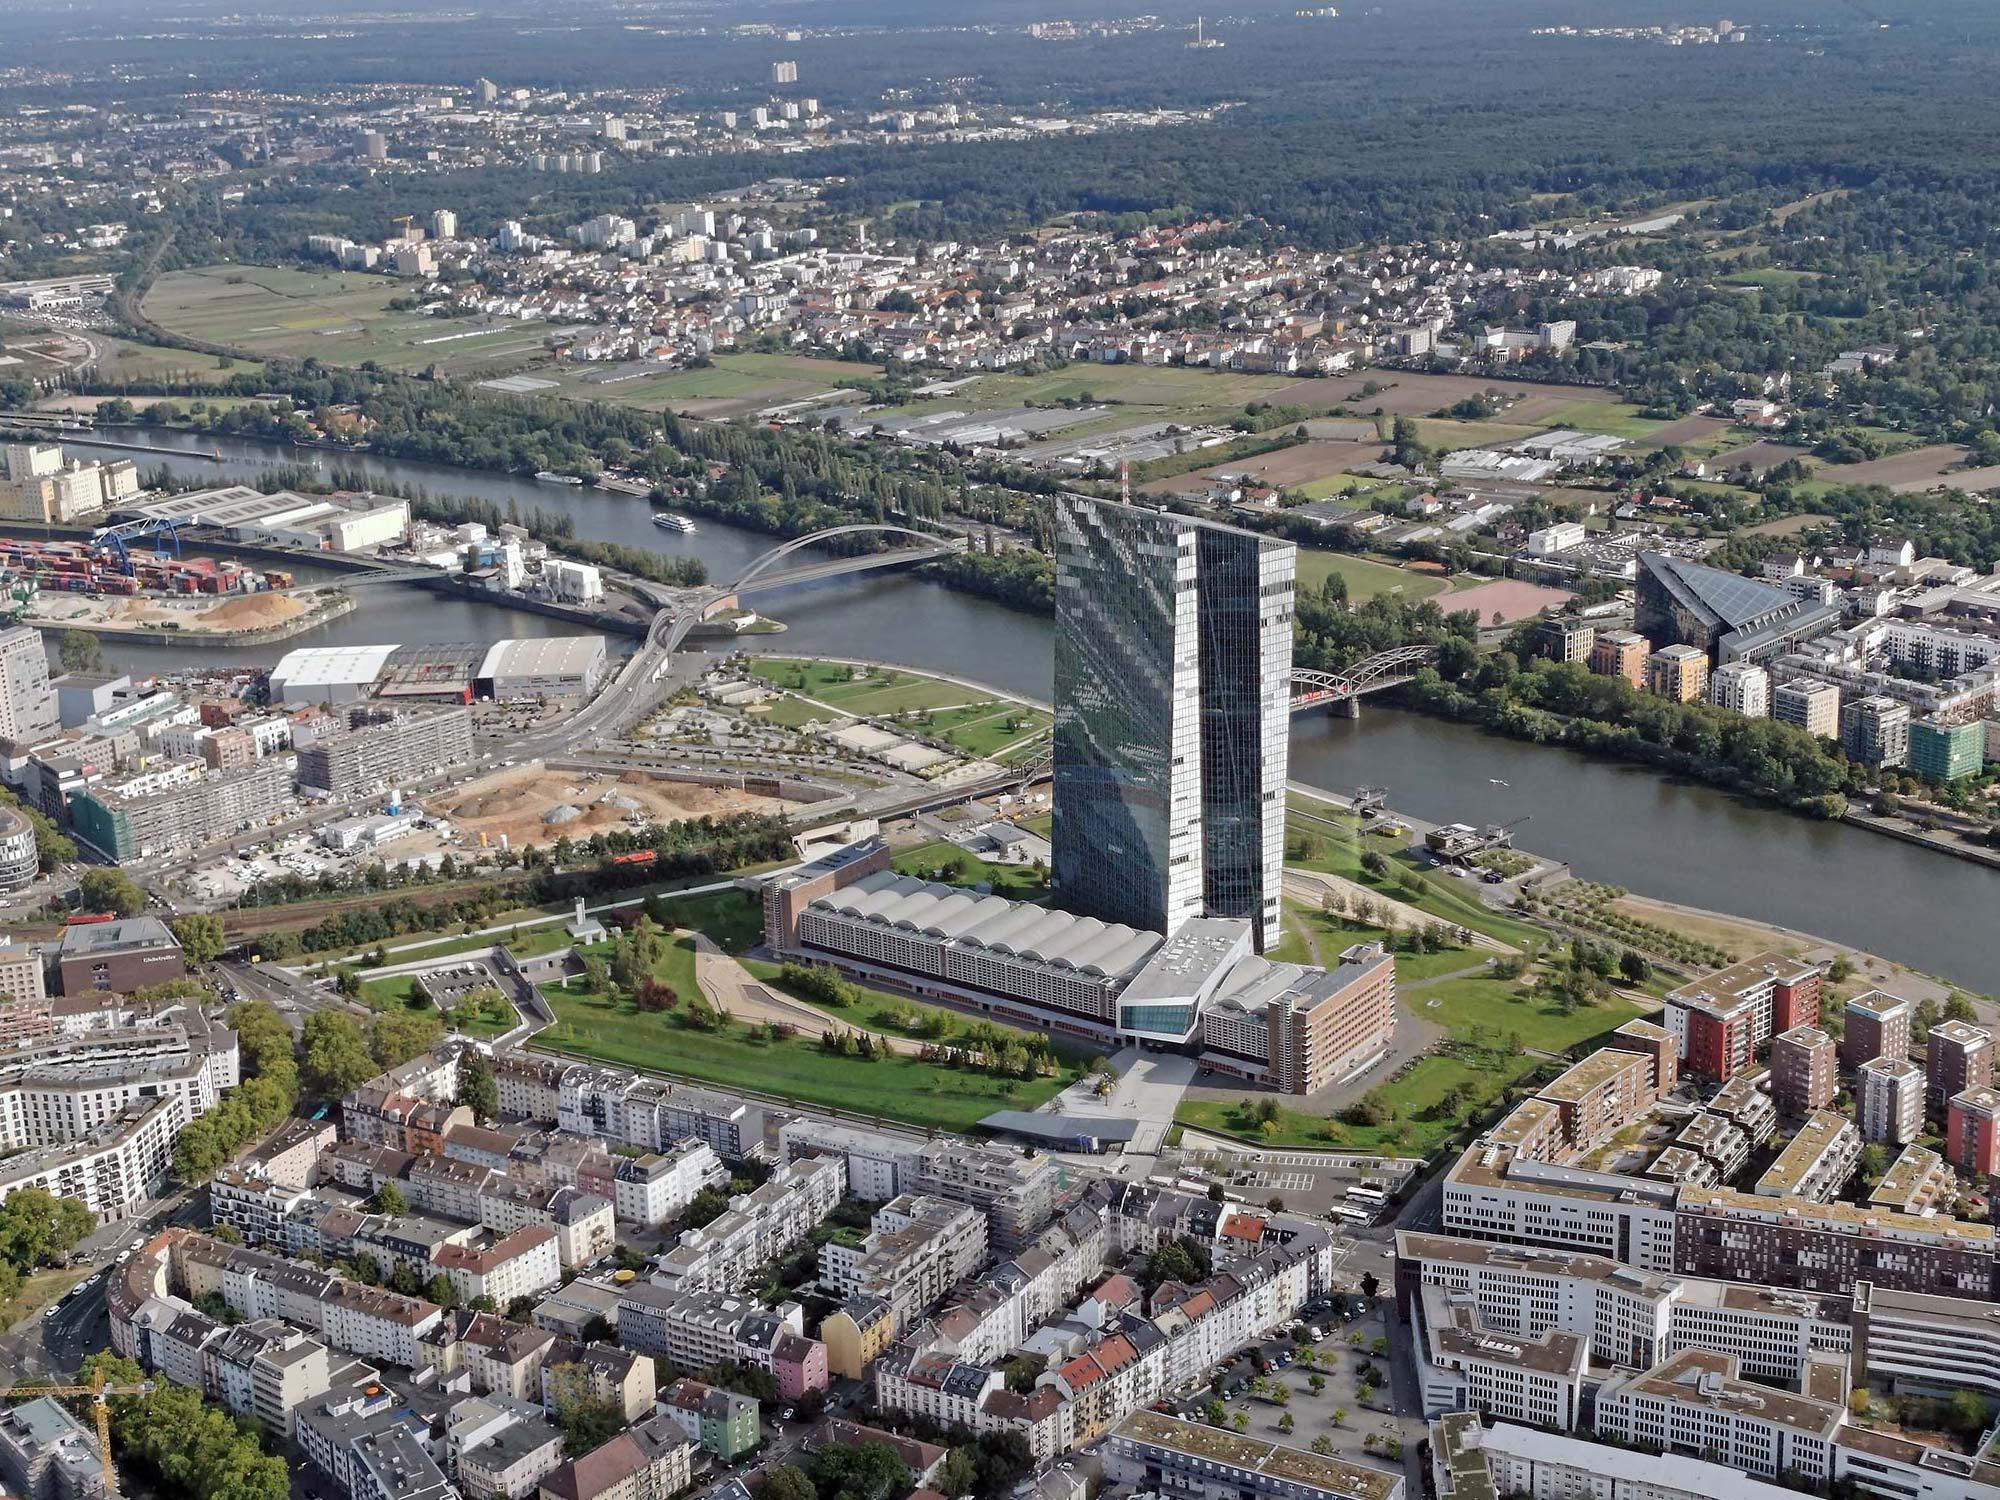 EZB Frankfurt - Luftbild Hochhaus Europäische Zentralbank - EZB Hauptsitz - EZB-Hochhaus FFM